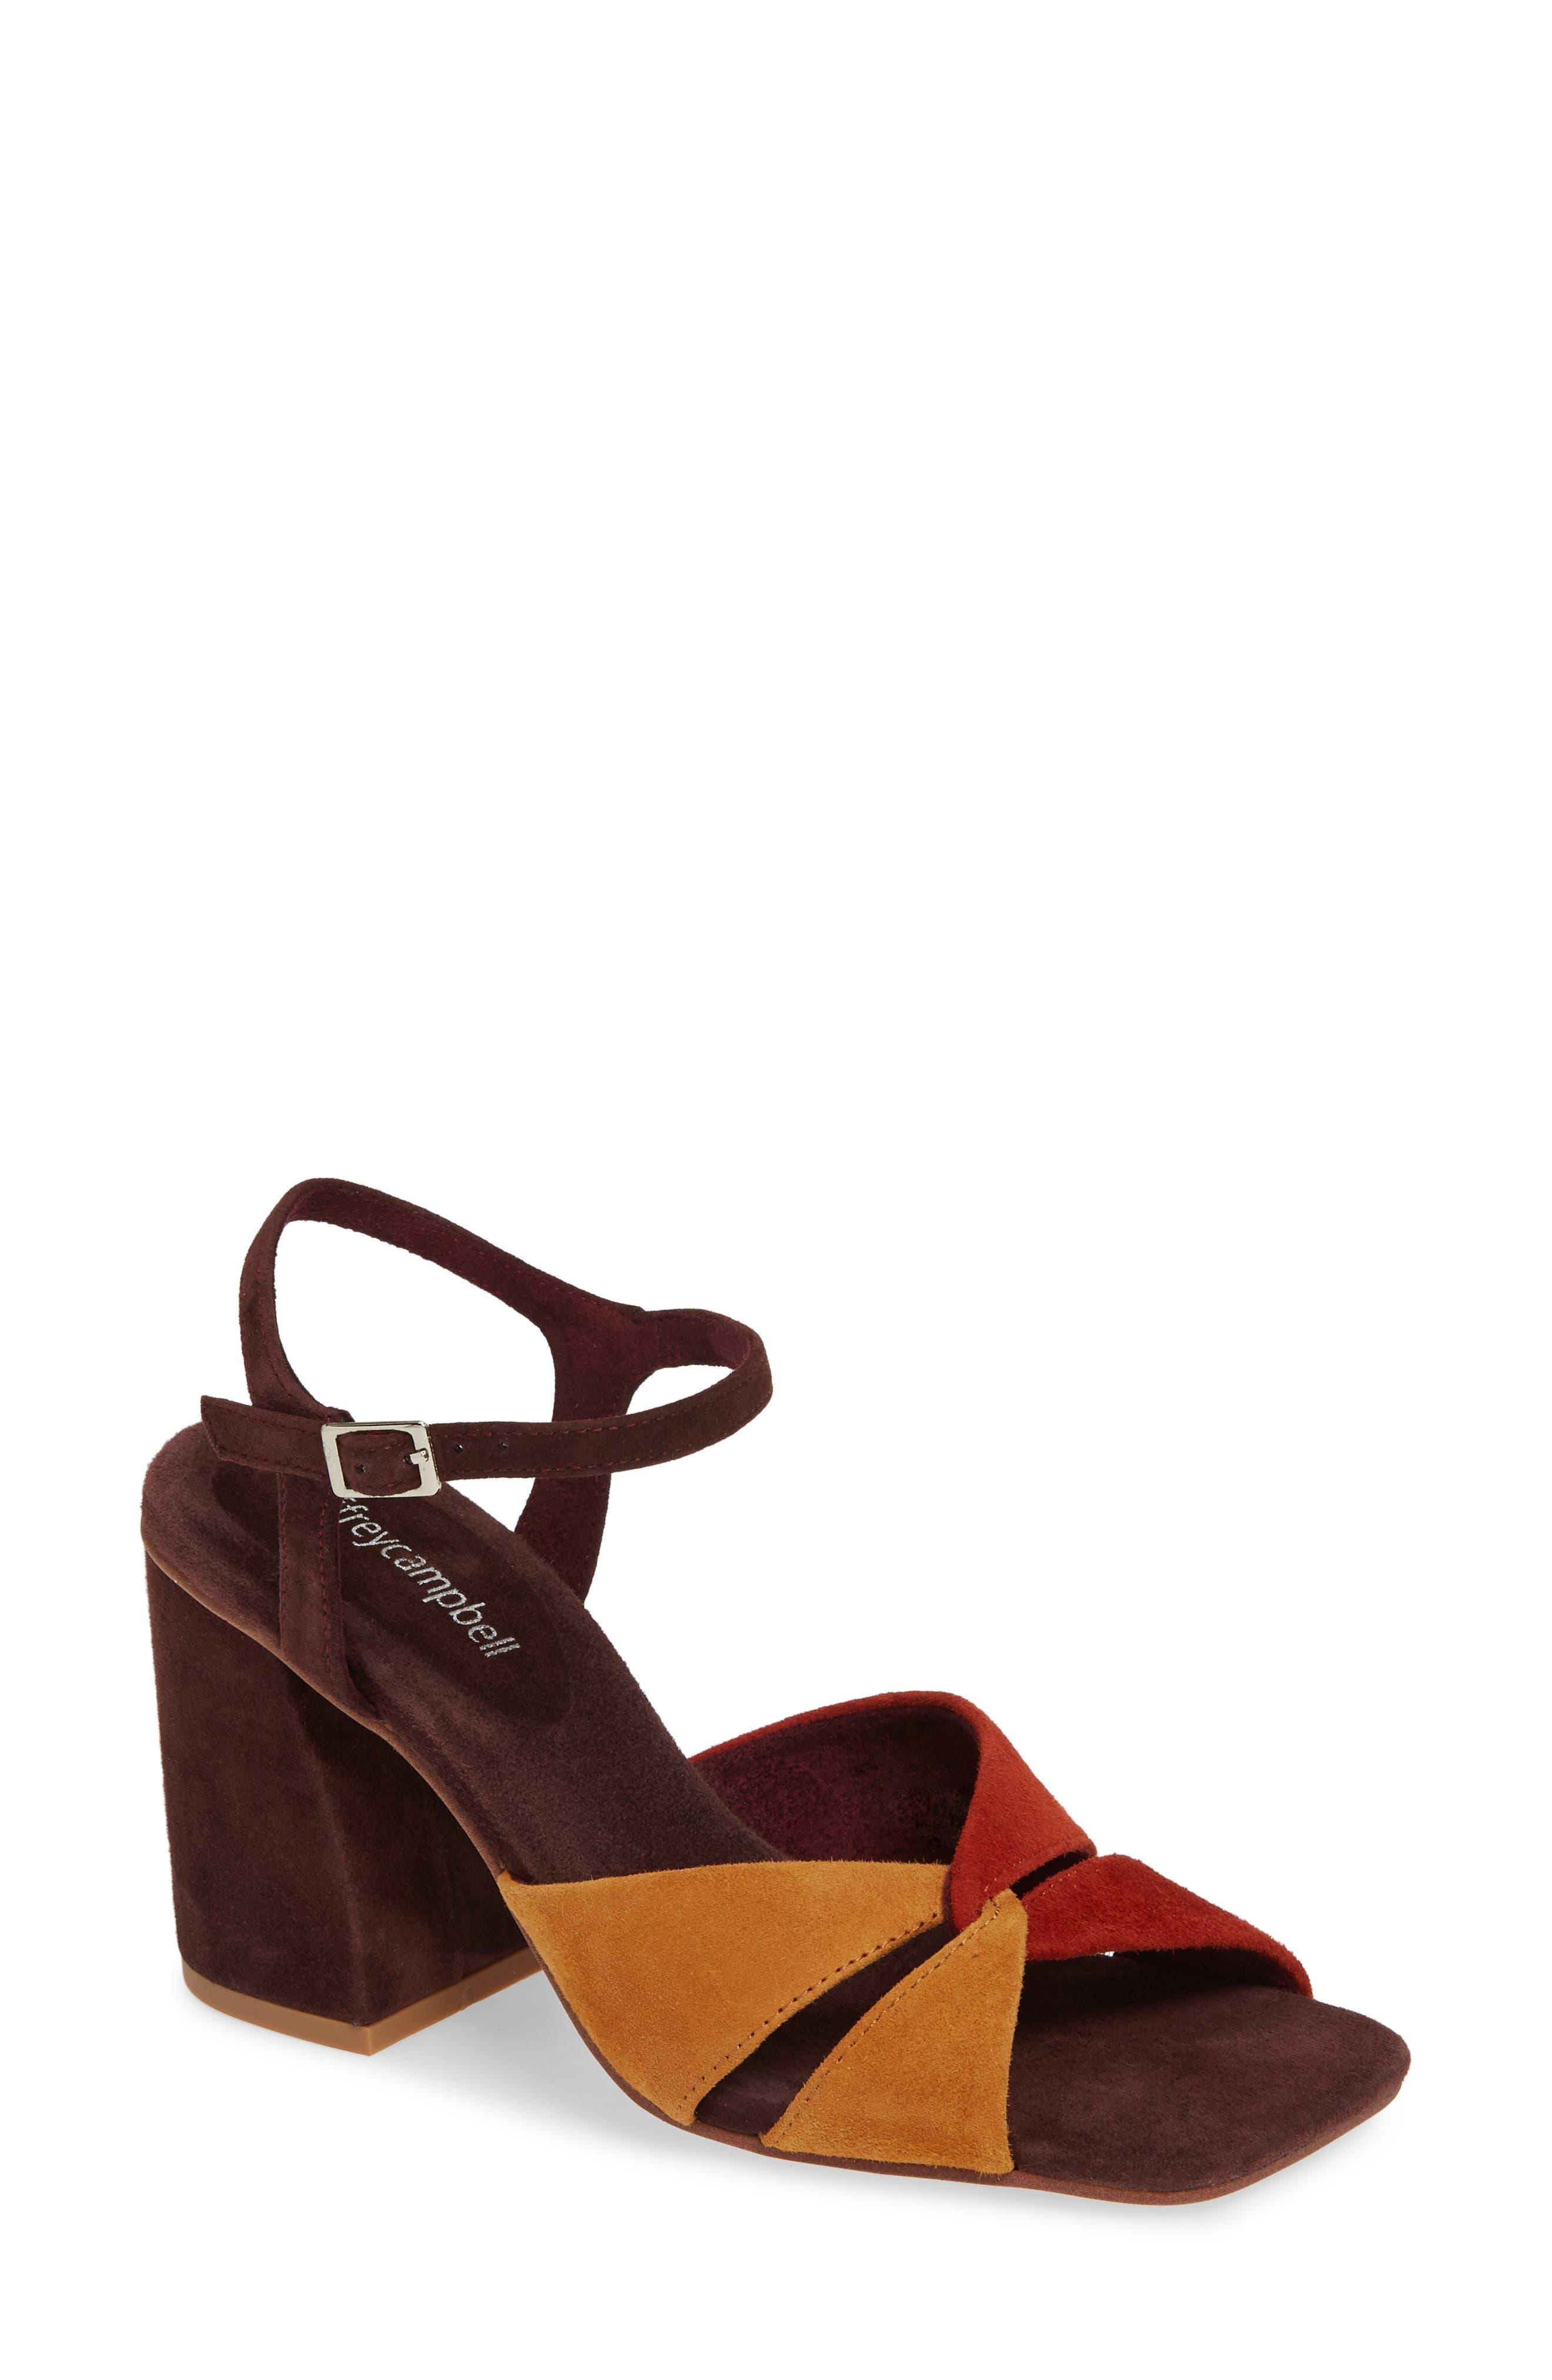 60s Shoes, Boots | 70s Shoes, Platforms, Boots Womens Jeffrey Campbell Antique Sandal Size 10 M - Burgundy $134.95 AT vintagedancer.com